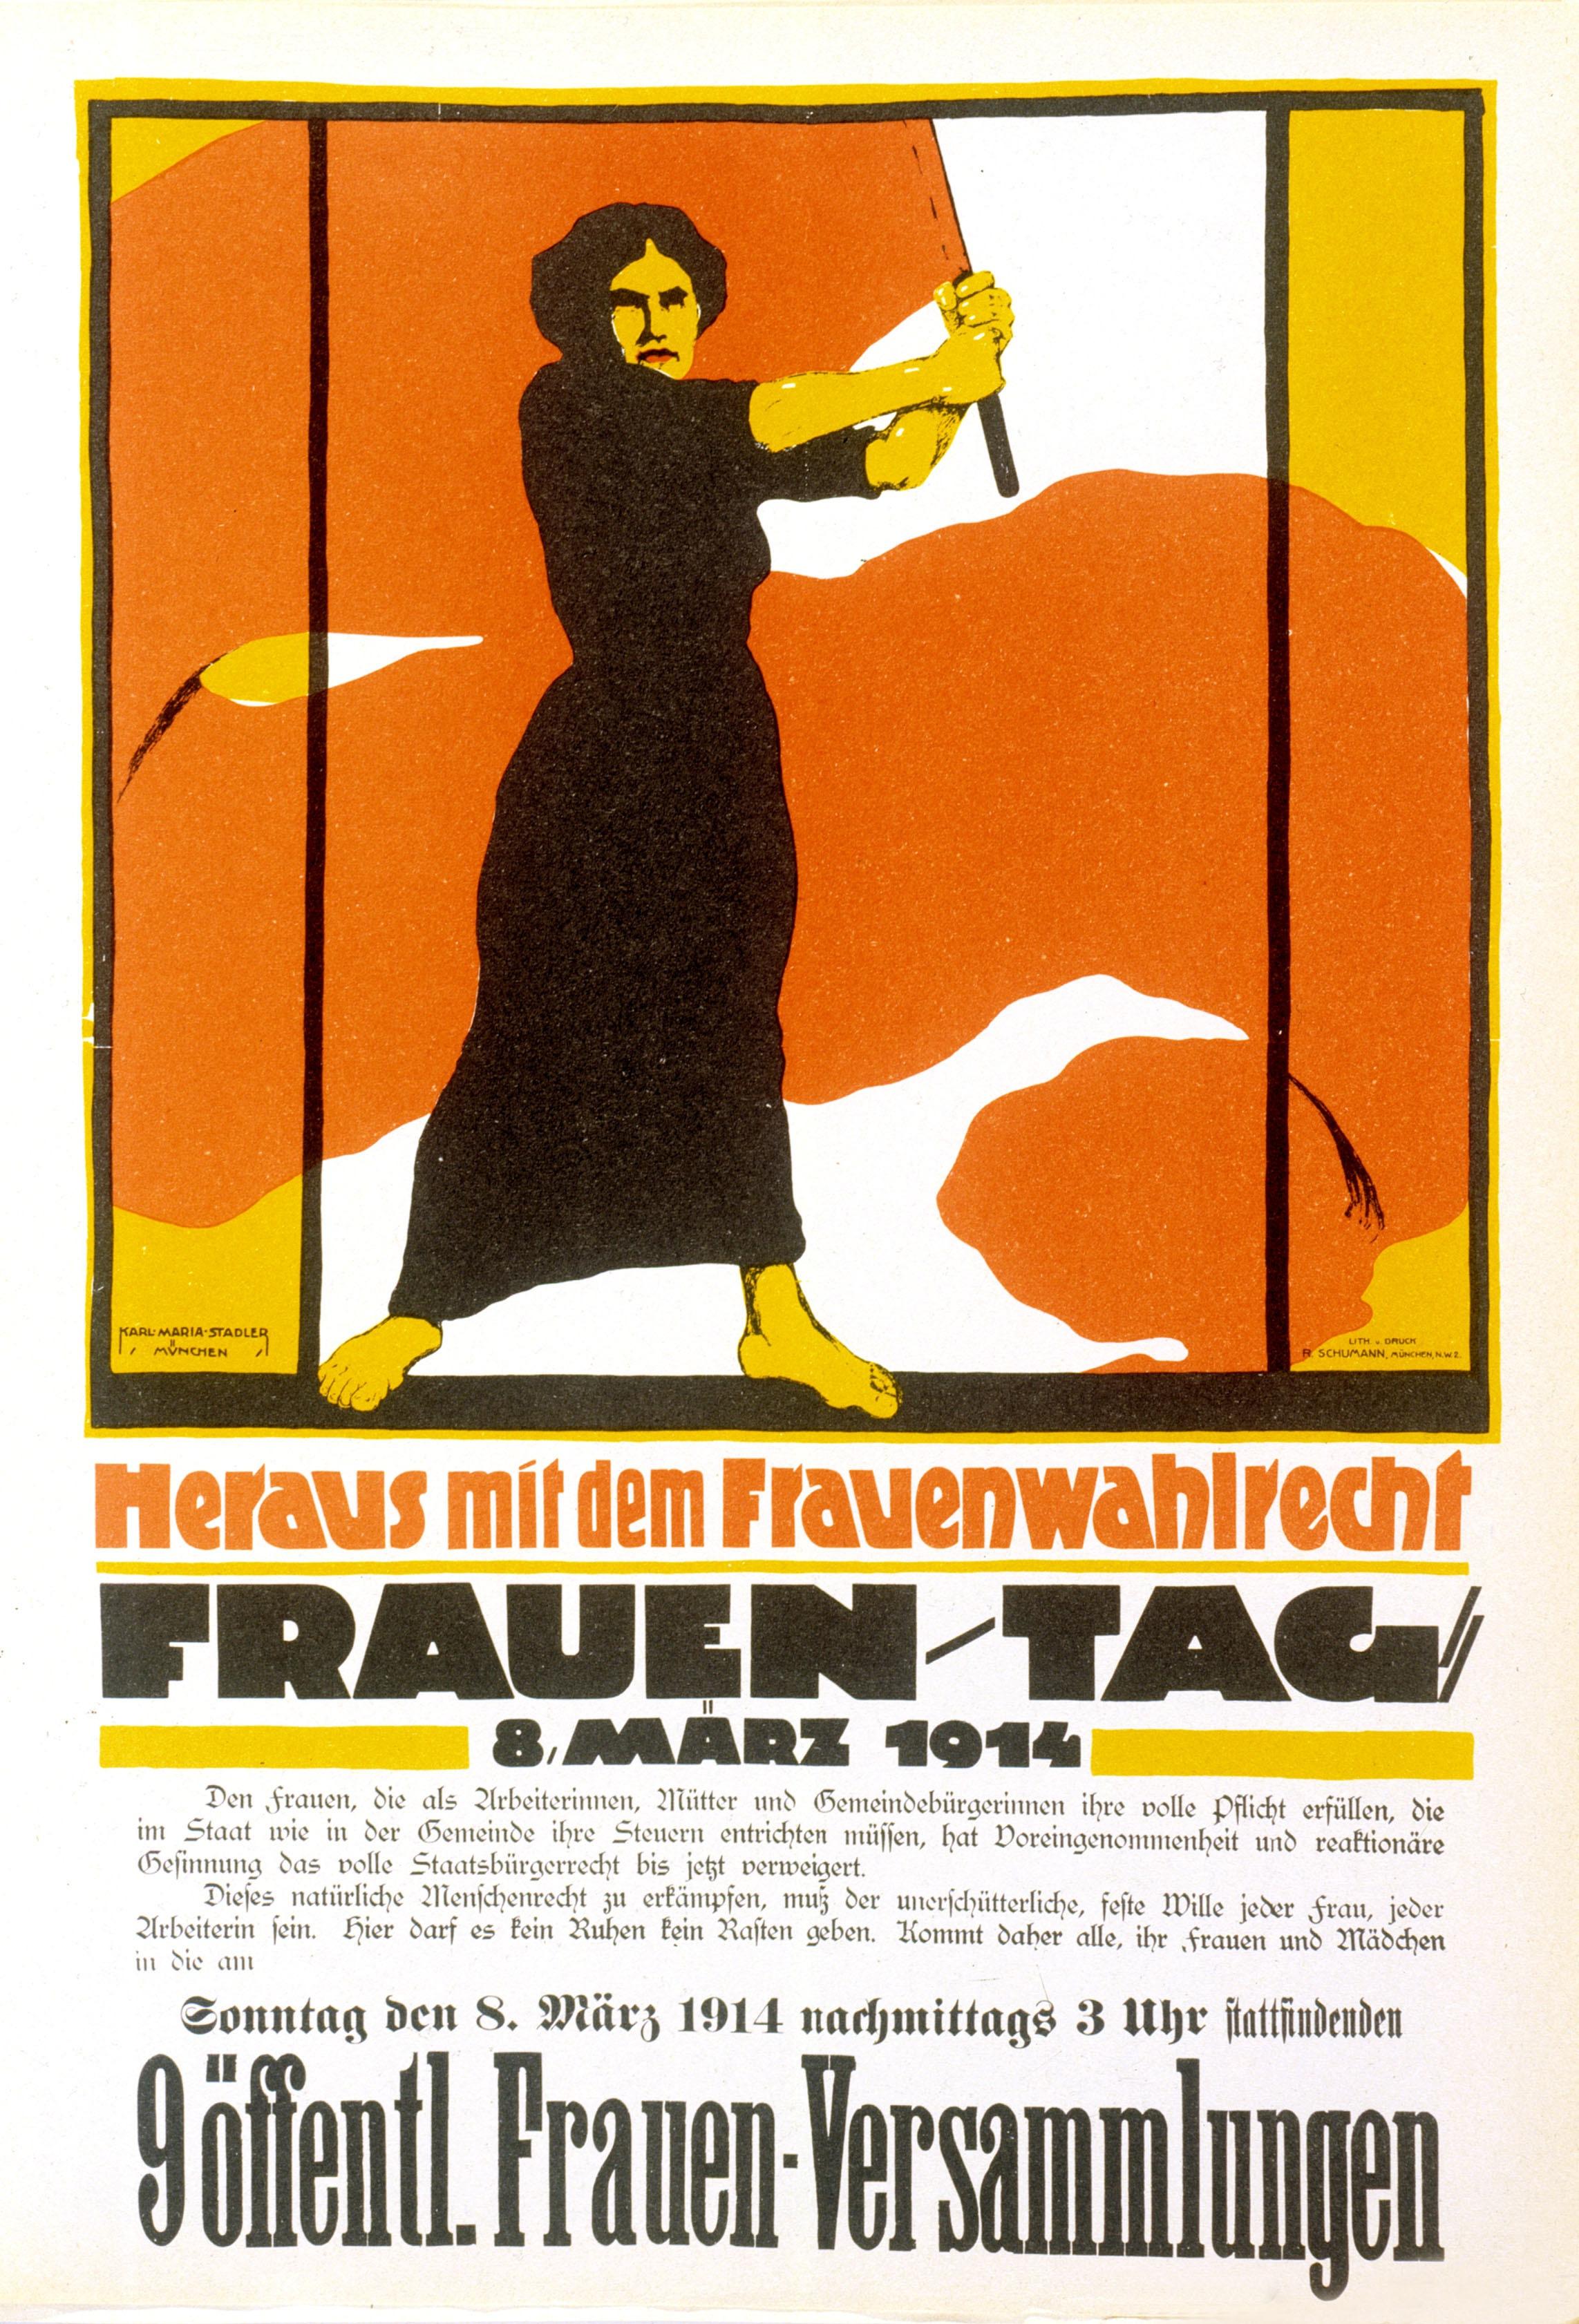 """<p>Das historische Plakat """"Heraus mit dem Frauenwahlrecht"""" sollte für die """"Rote Woche"""" am 8.-15. März 1914 mobilisieren. Der Plakat-Entwurf stammt von Karl Maria Stadler.</p>"""